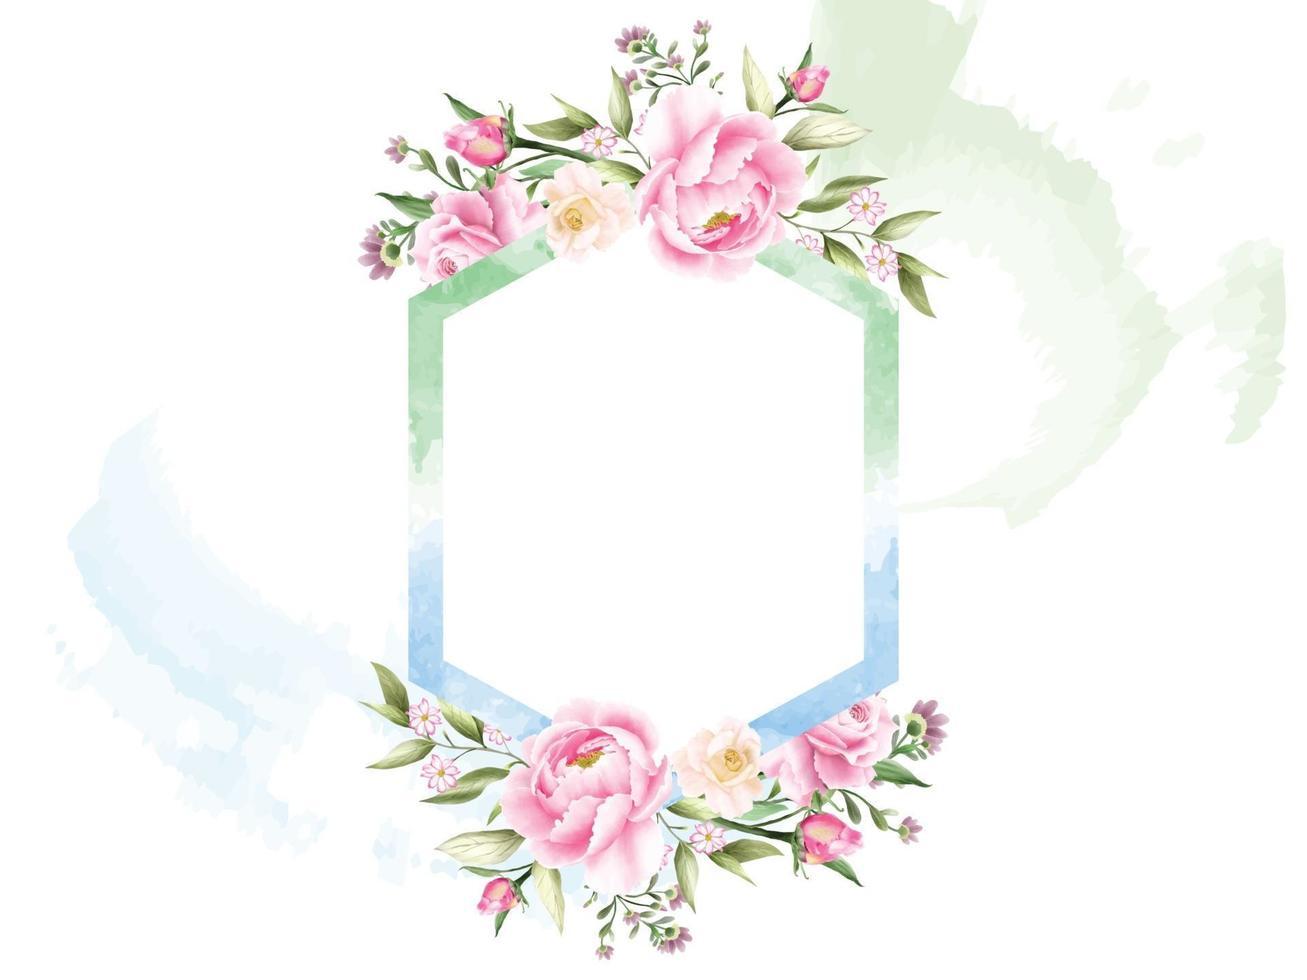 fundo aquarela floral romântico vetor